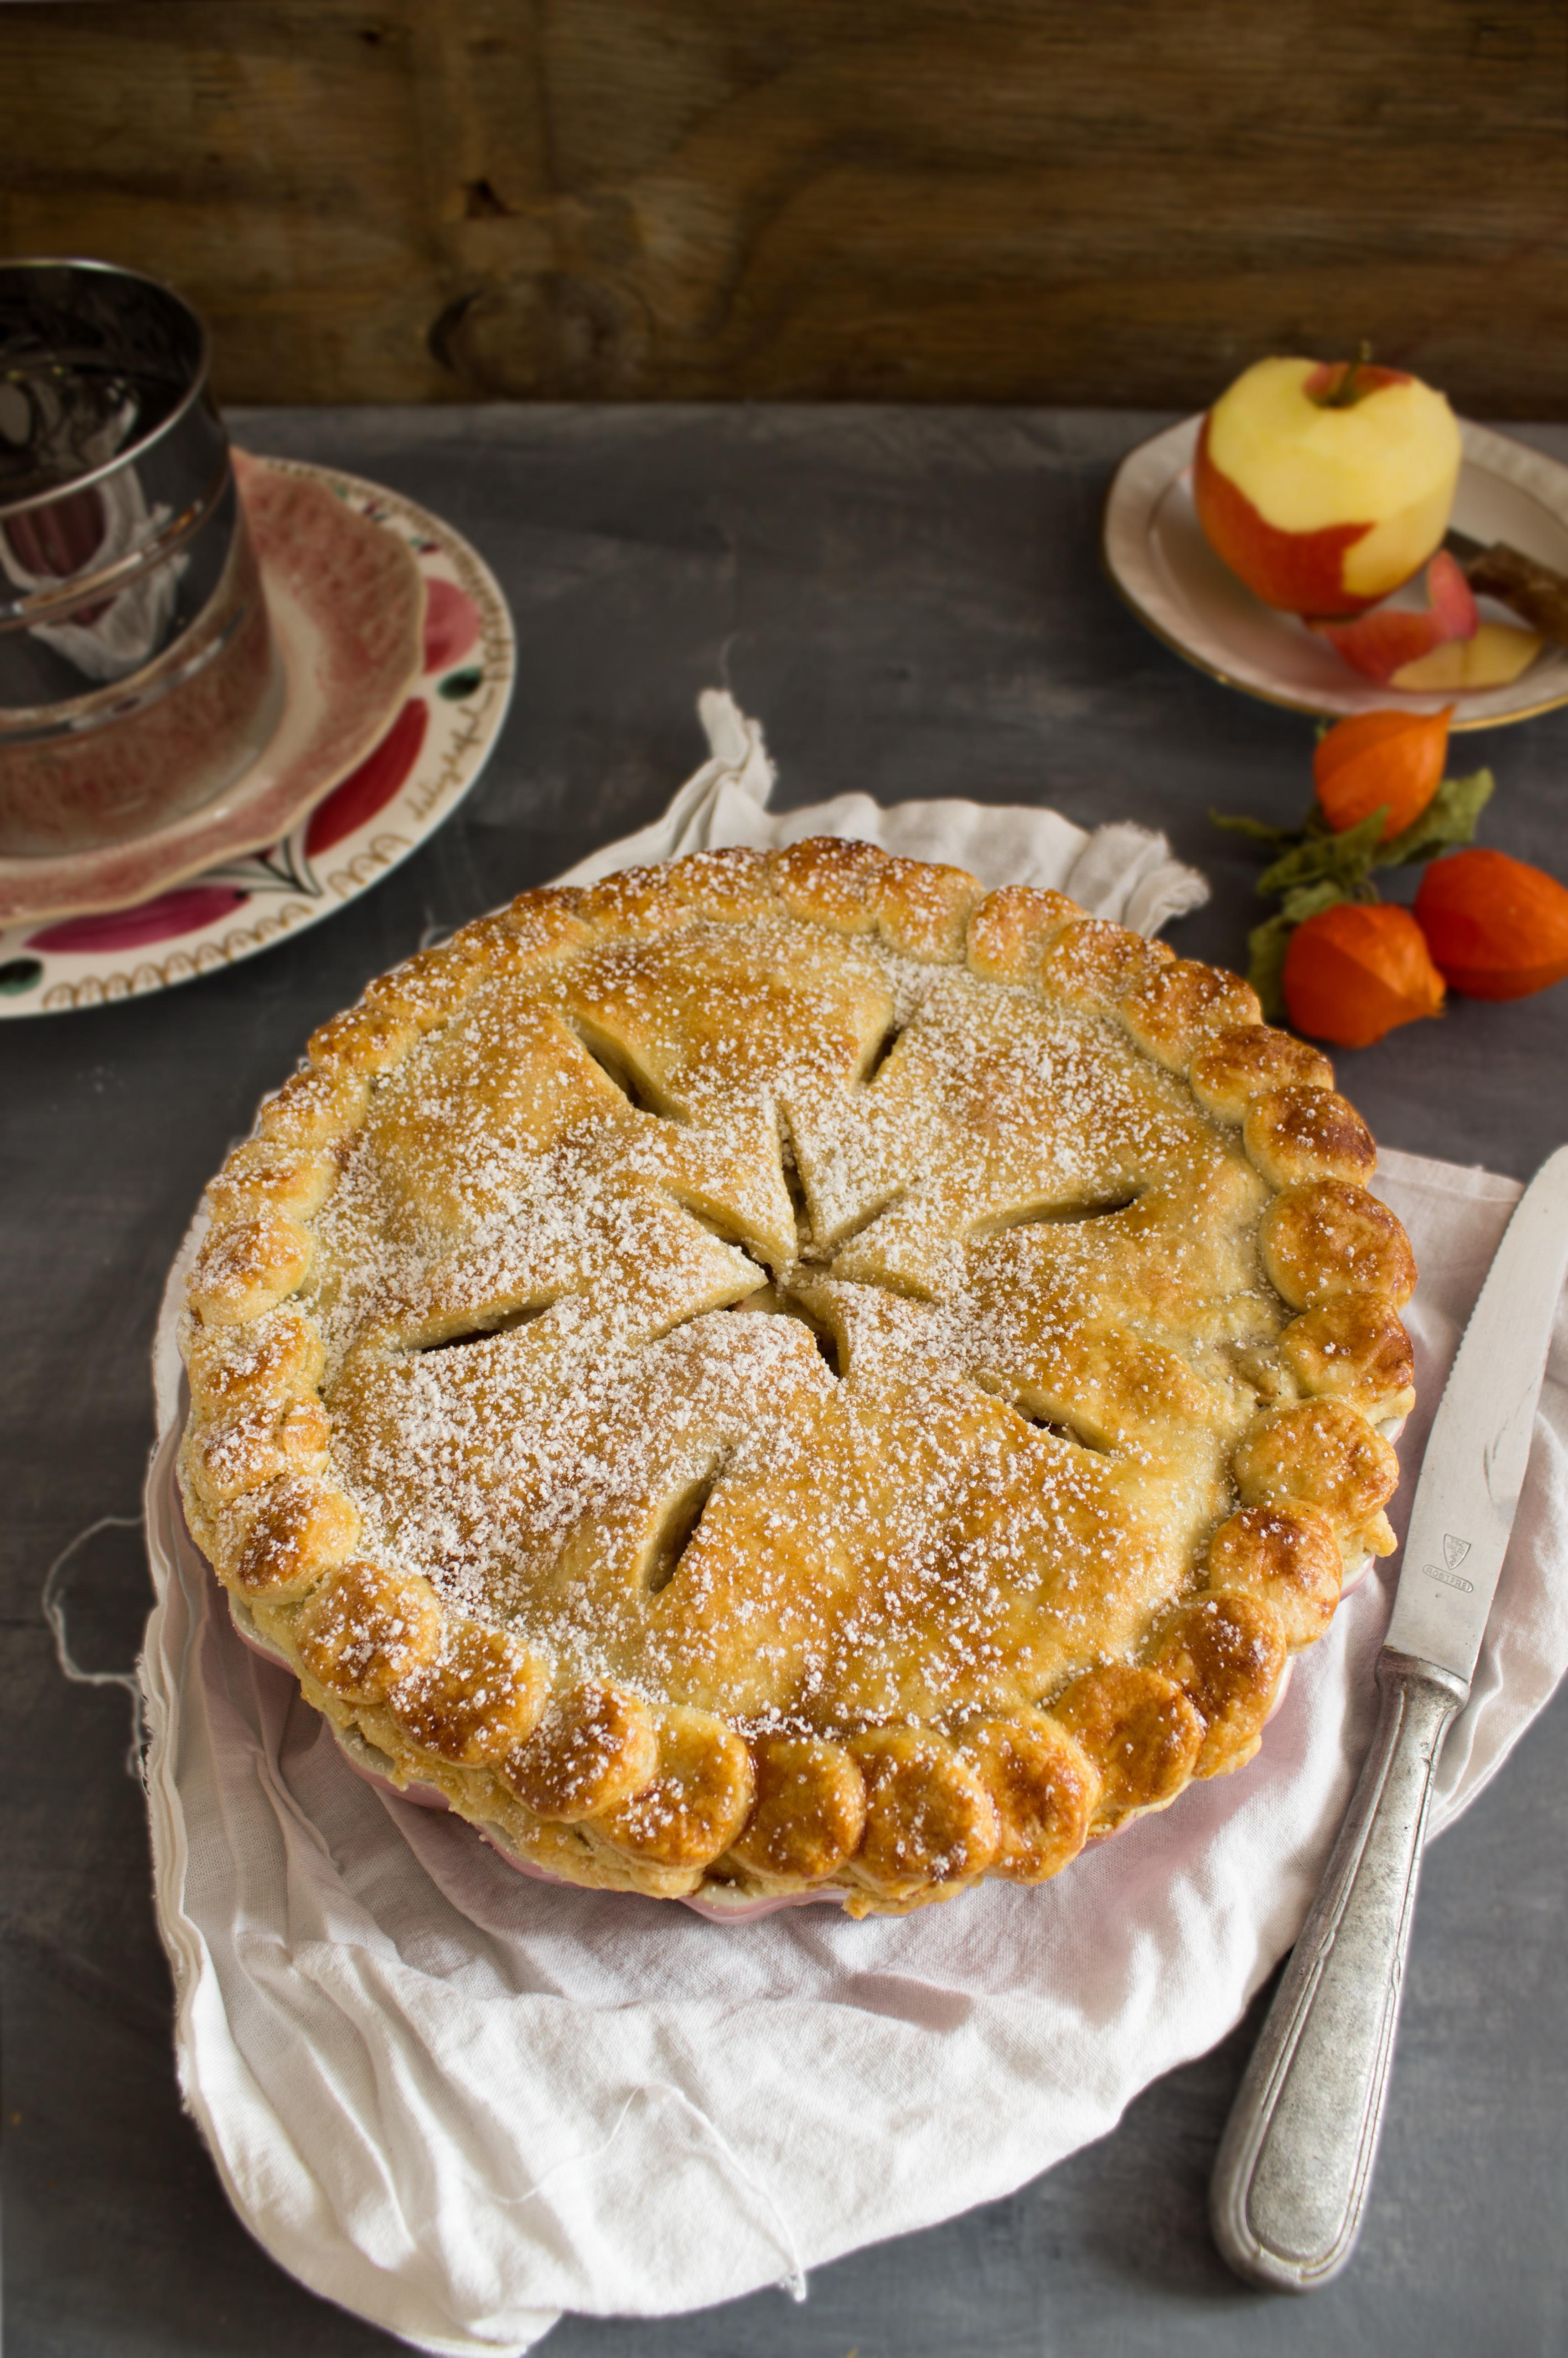 rezept-fur-einen-chai-spiced-apple-pie